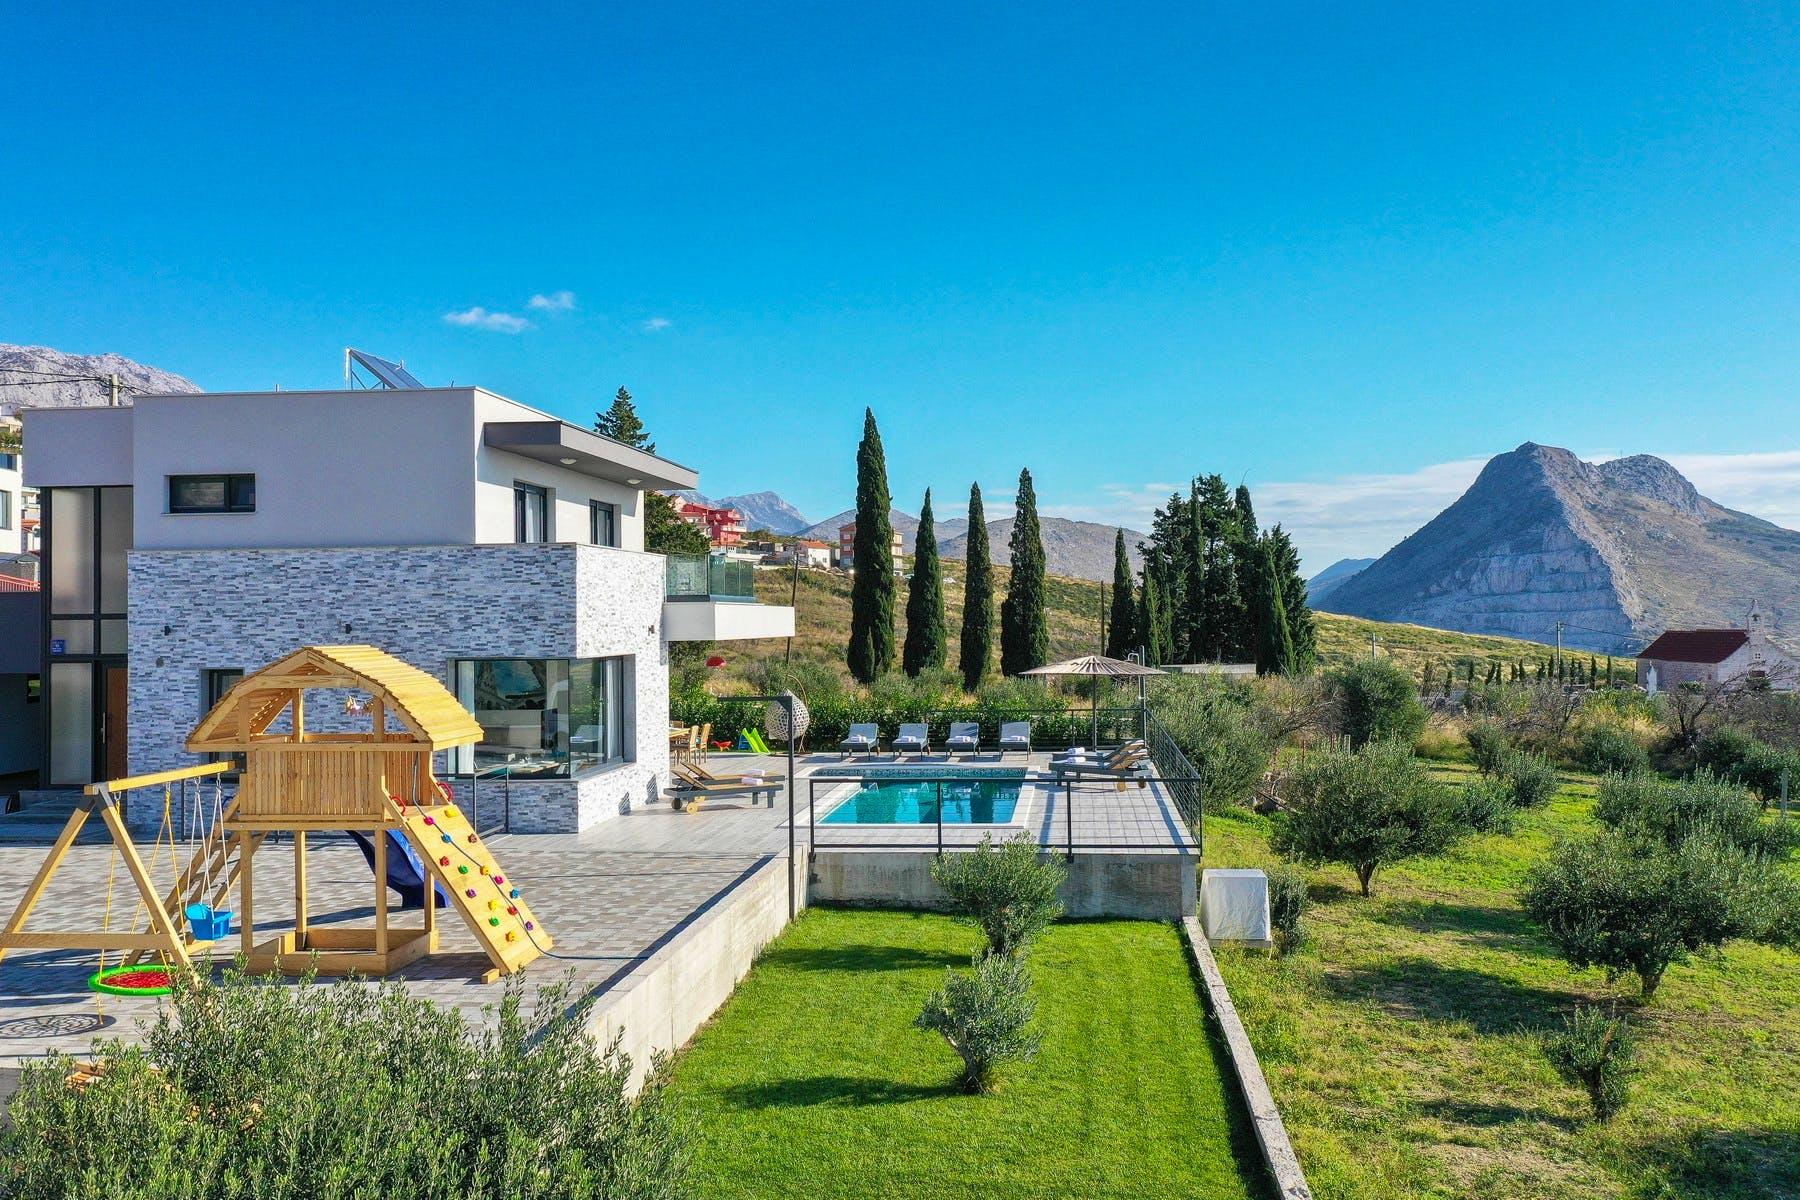 Villa with luxury amenities near Split for sale